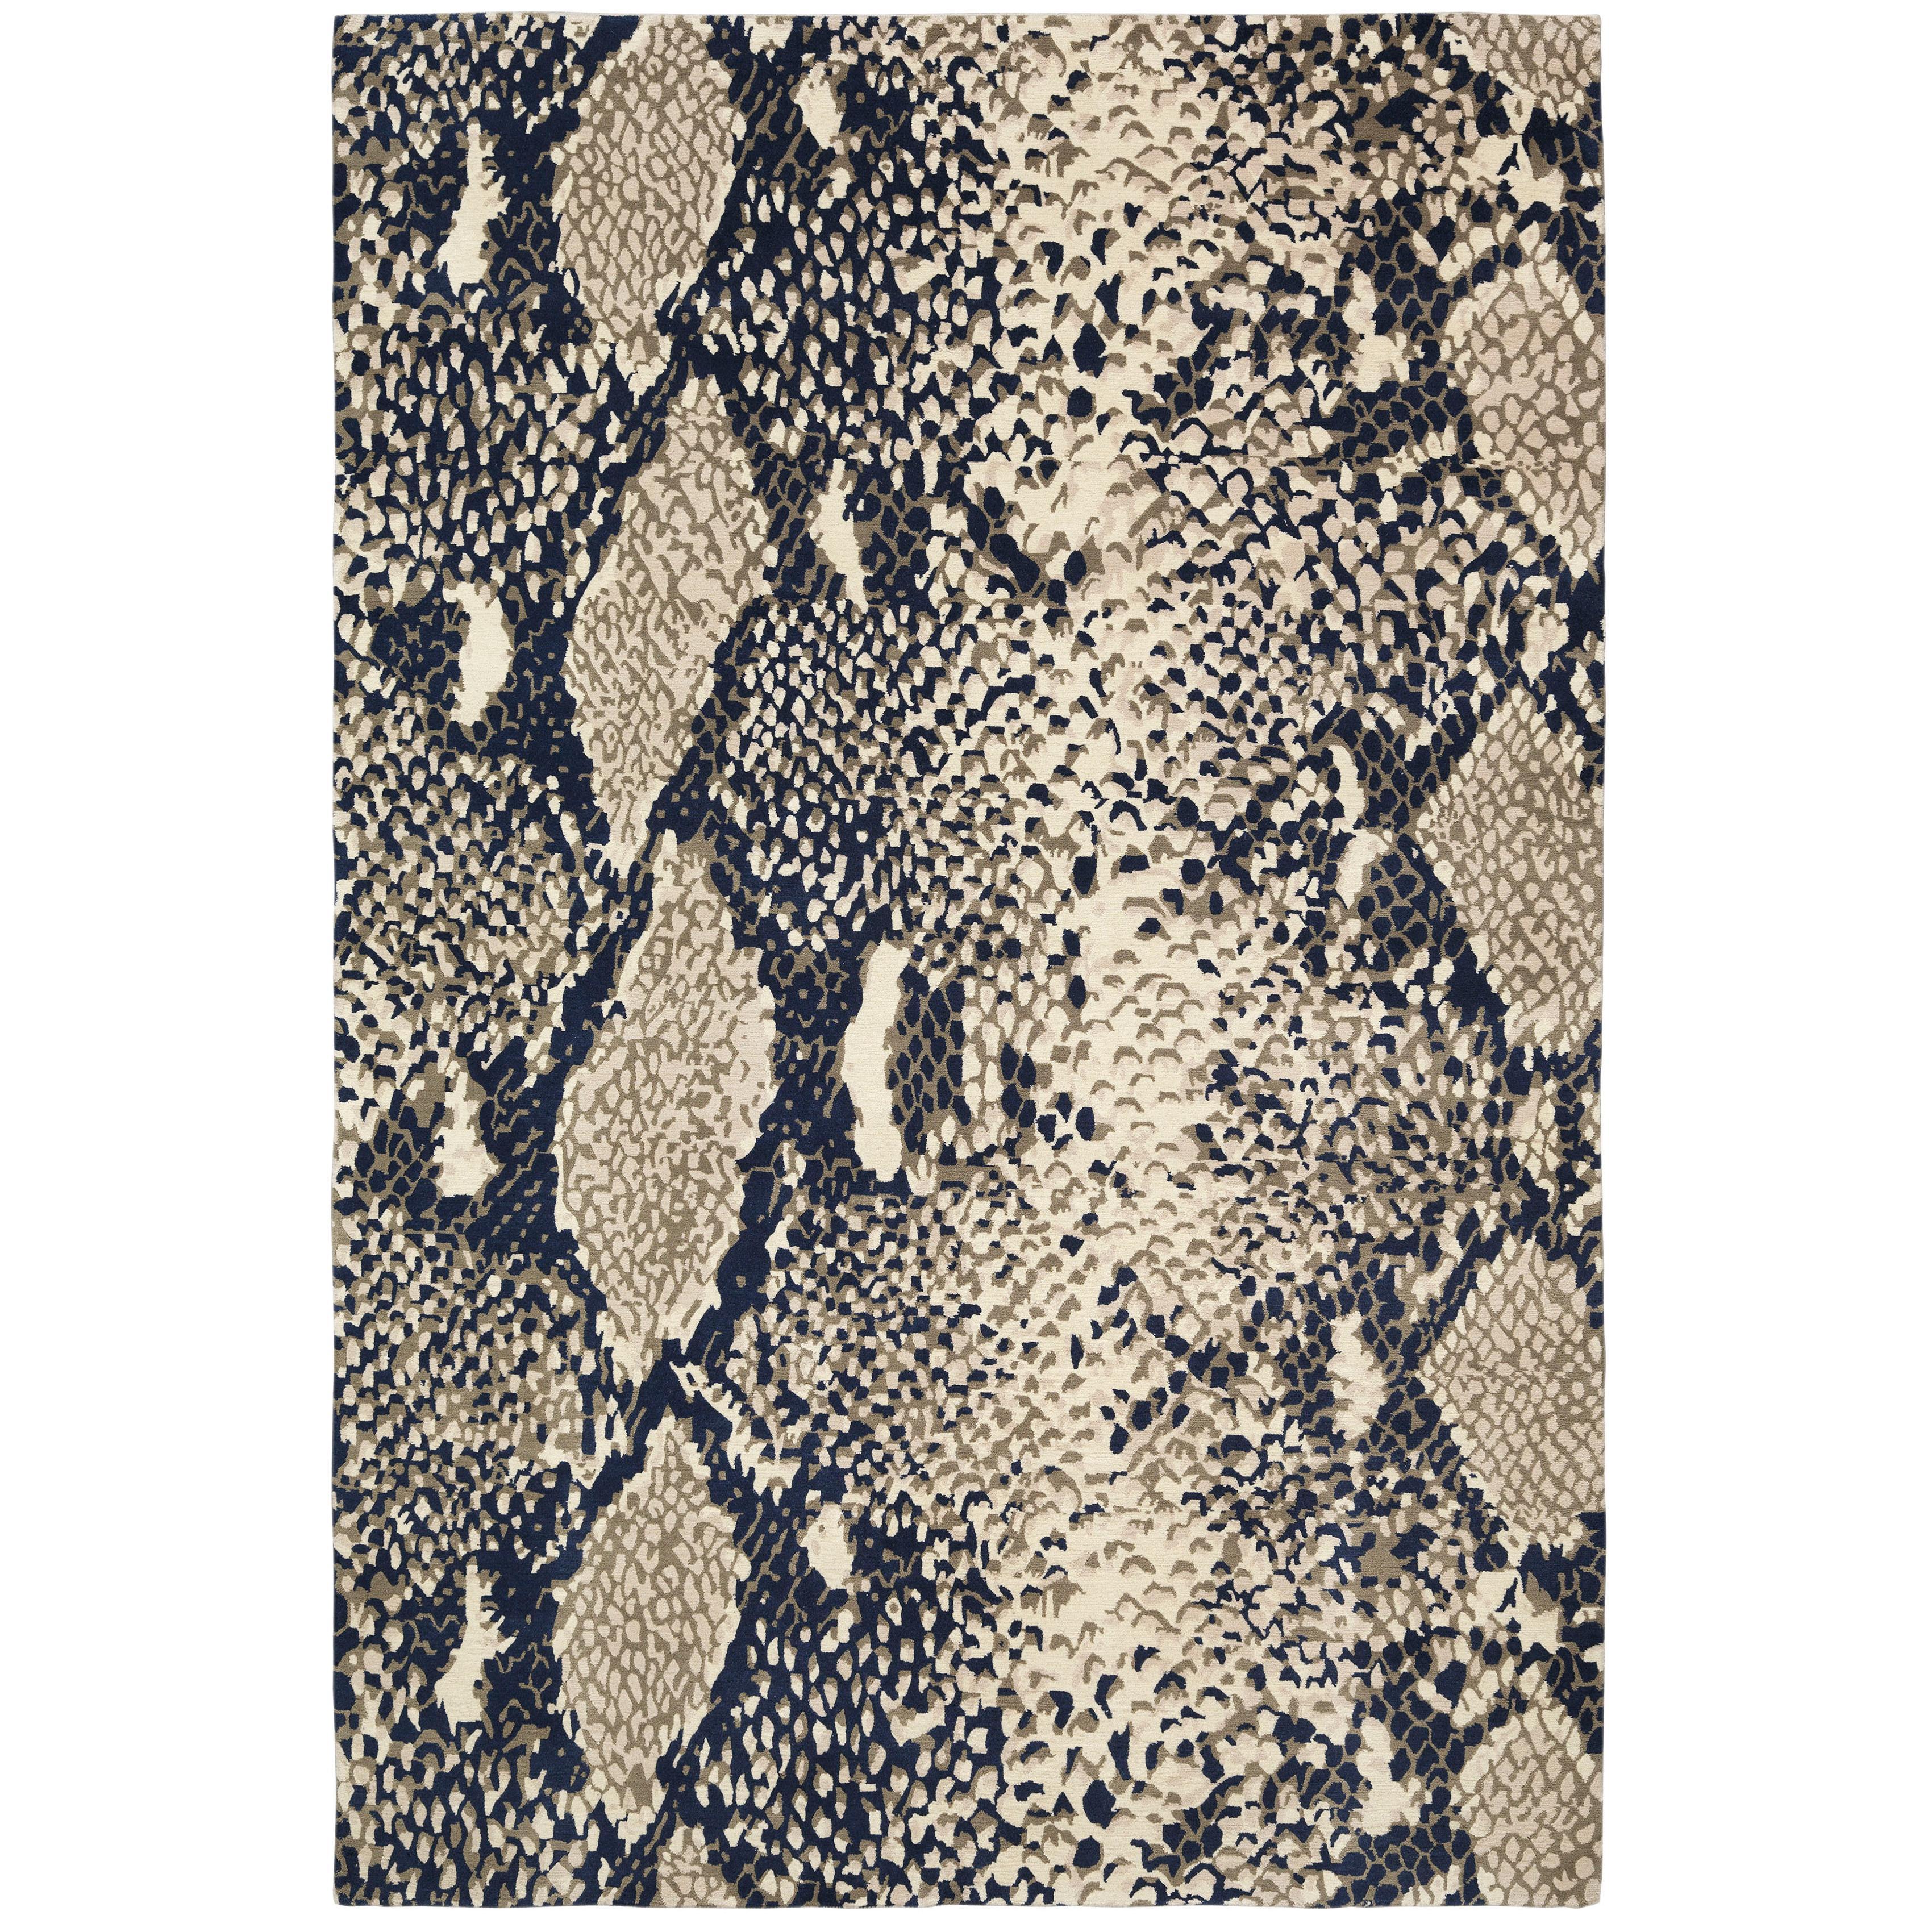 Python Glory Hand-Knotted 10x8 Rug in Wool and Silk by Diane von Furstenberg